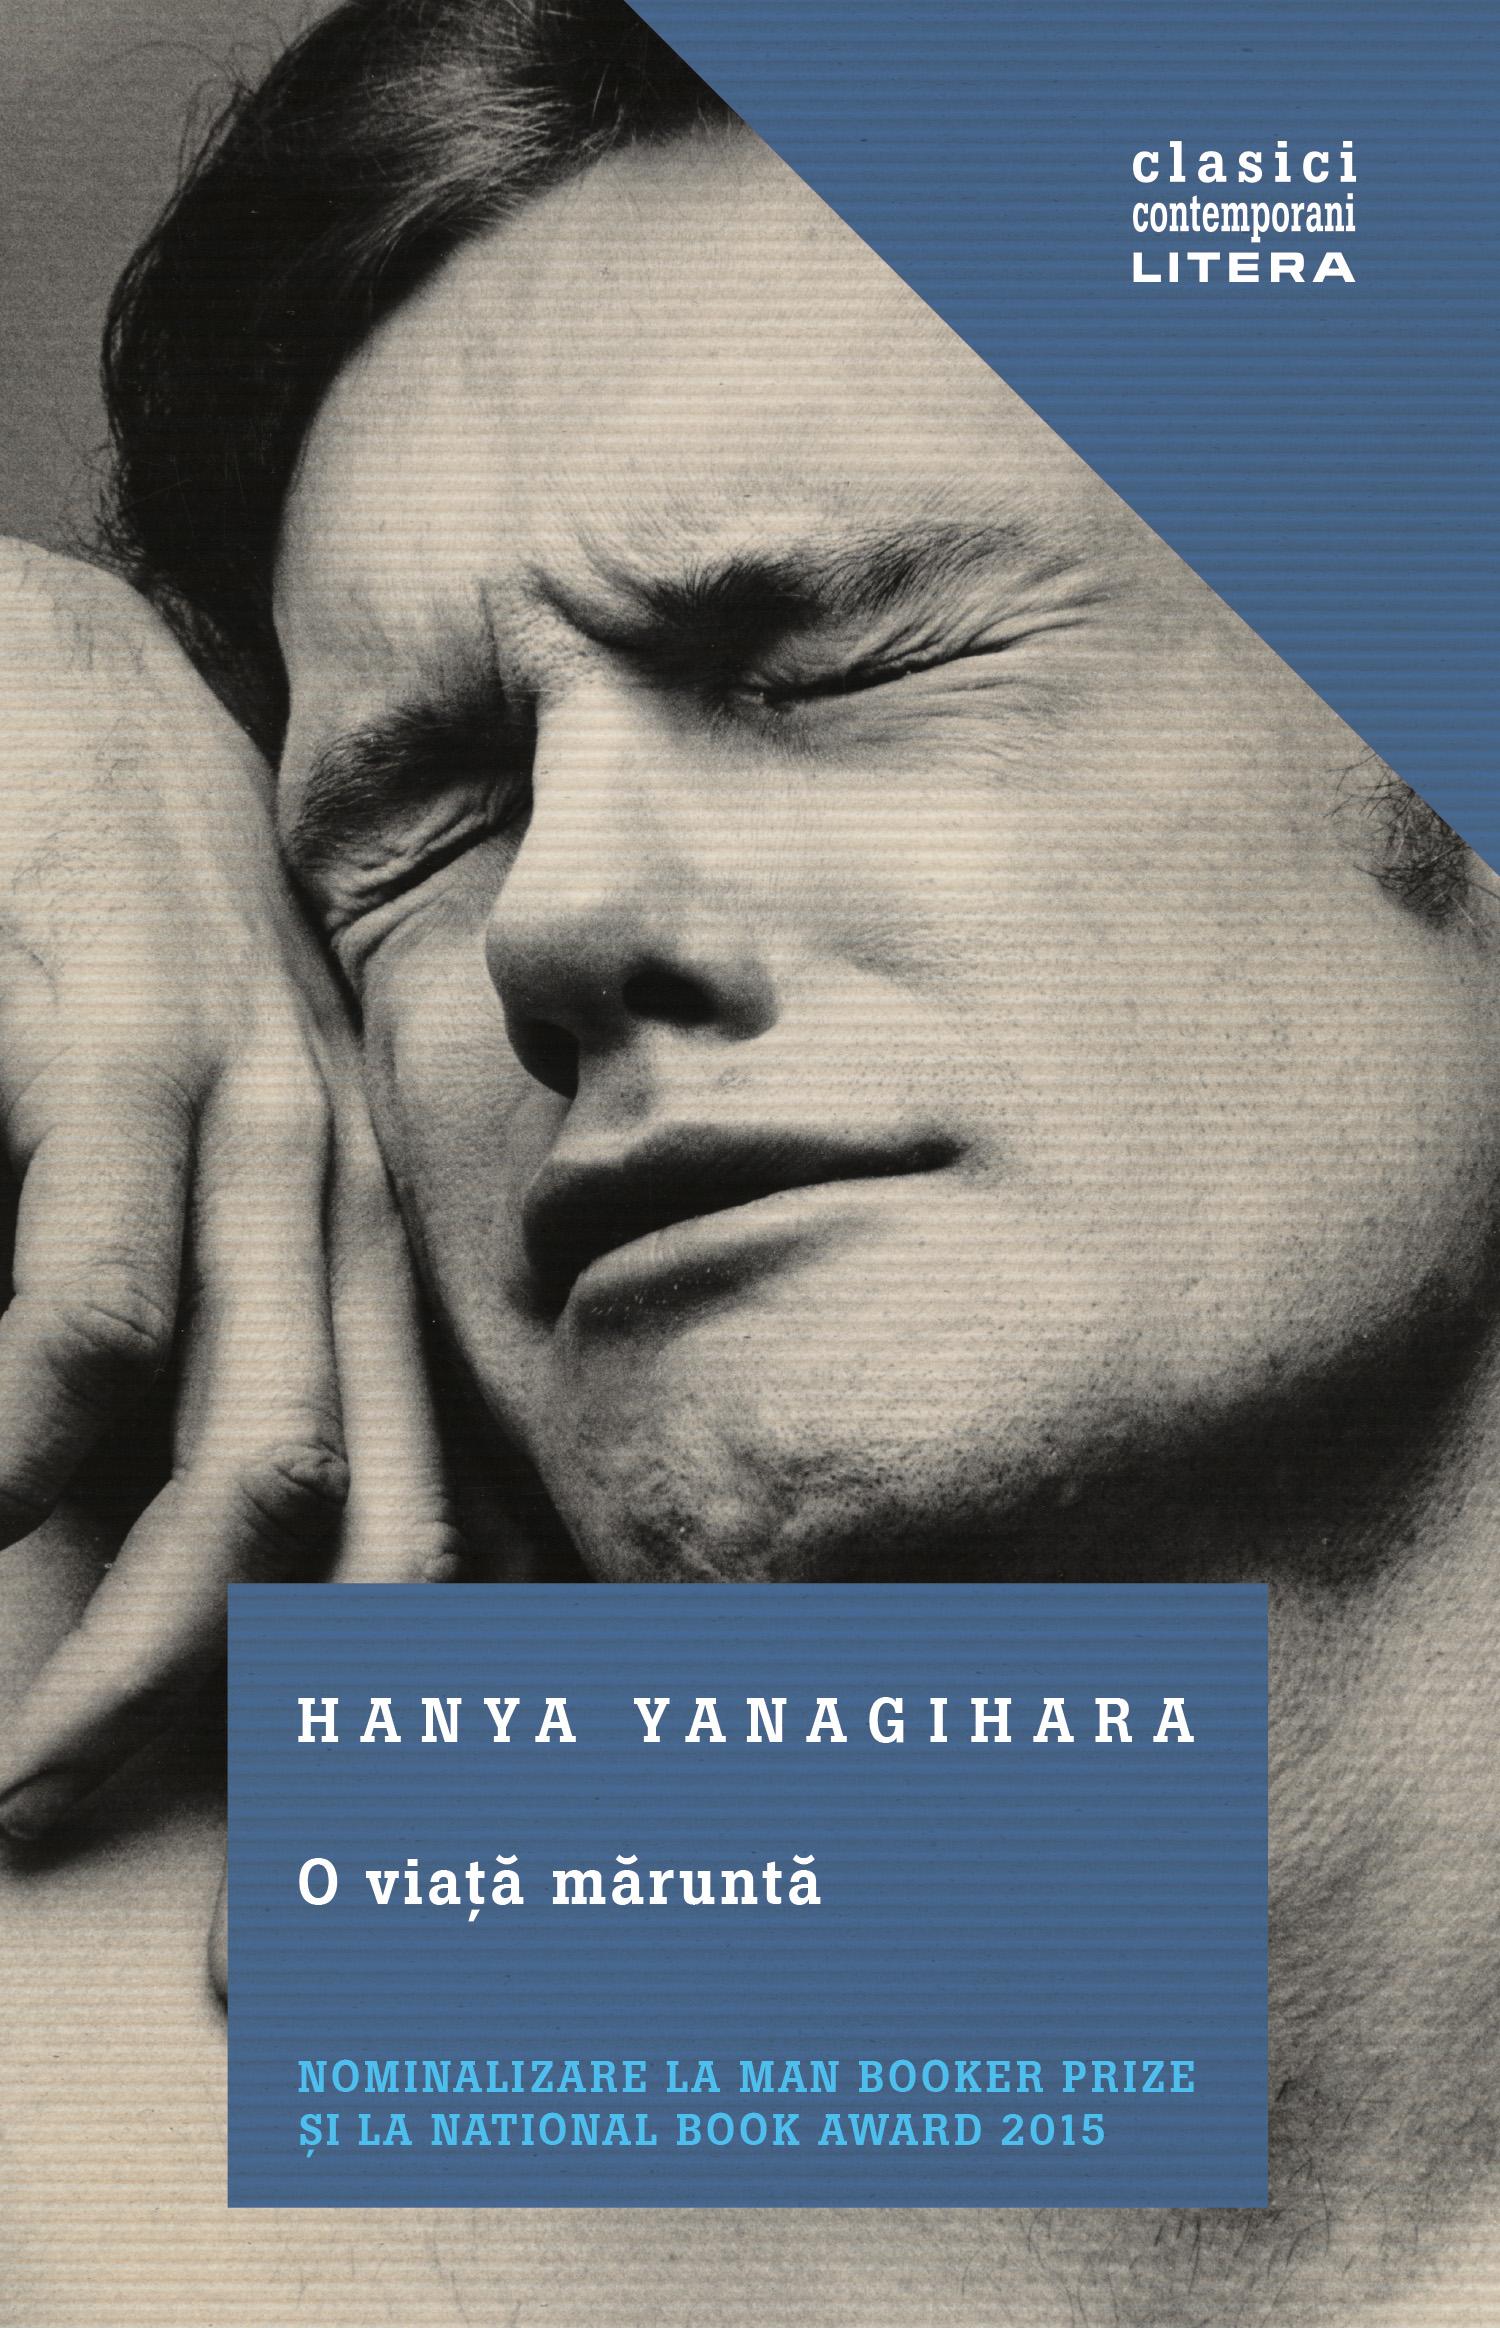 """""""O viață măruntă"""", de Hanya Yanagihara: un studiu magistral despre suferinţă şi prietenie"""